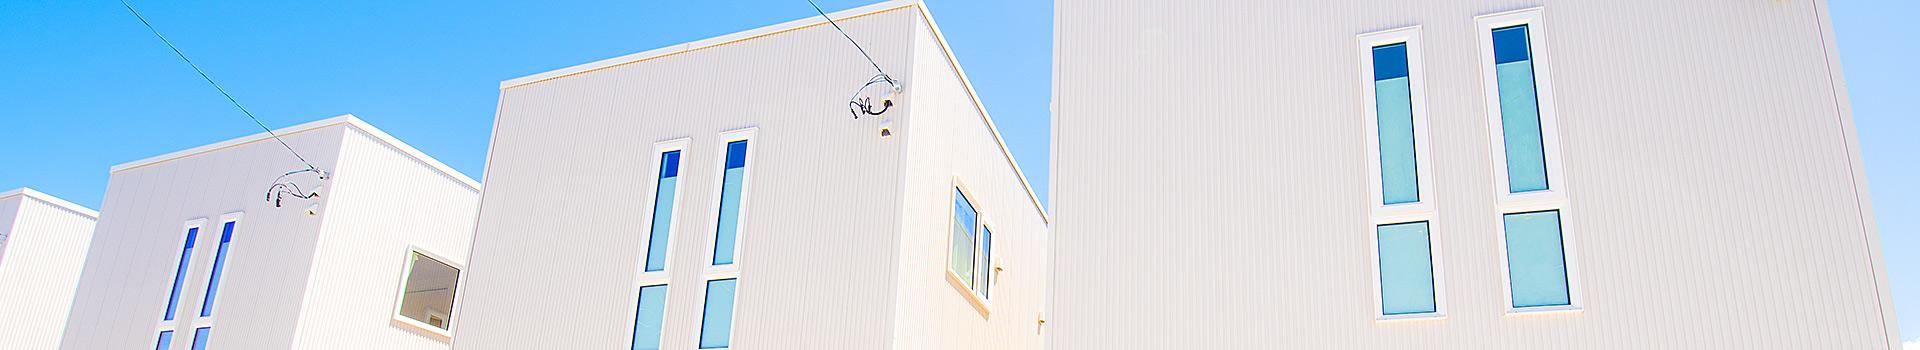 プライバシーポリシー | 沖縄古宇利島 貸別荘ヴィラ宿泊の古宇利島ロテルズ